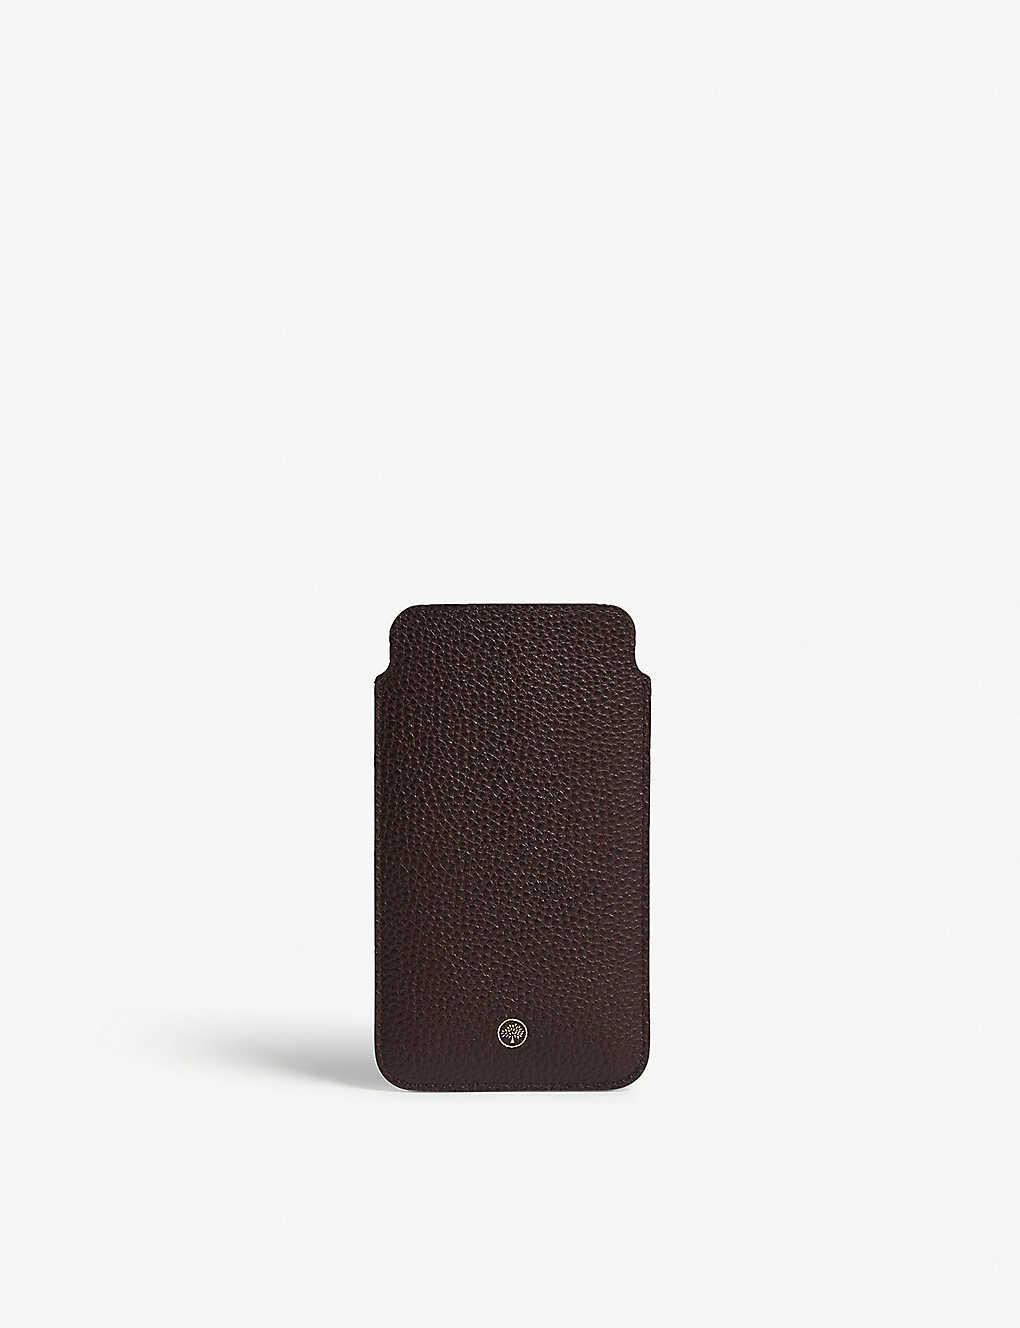 mulberry iphone 7 plus case